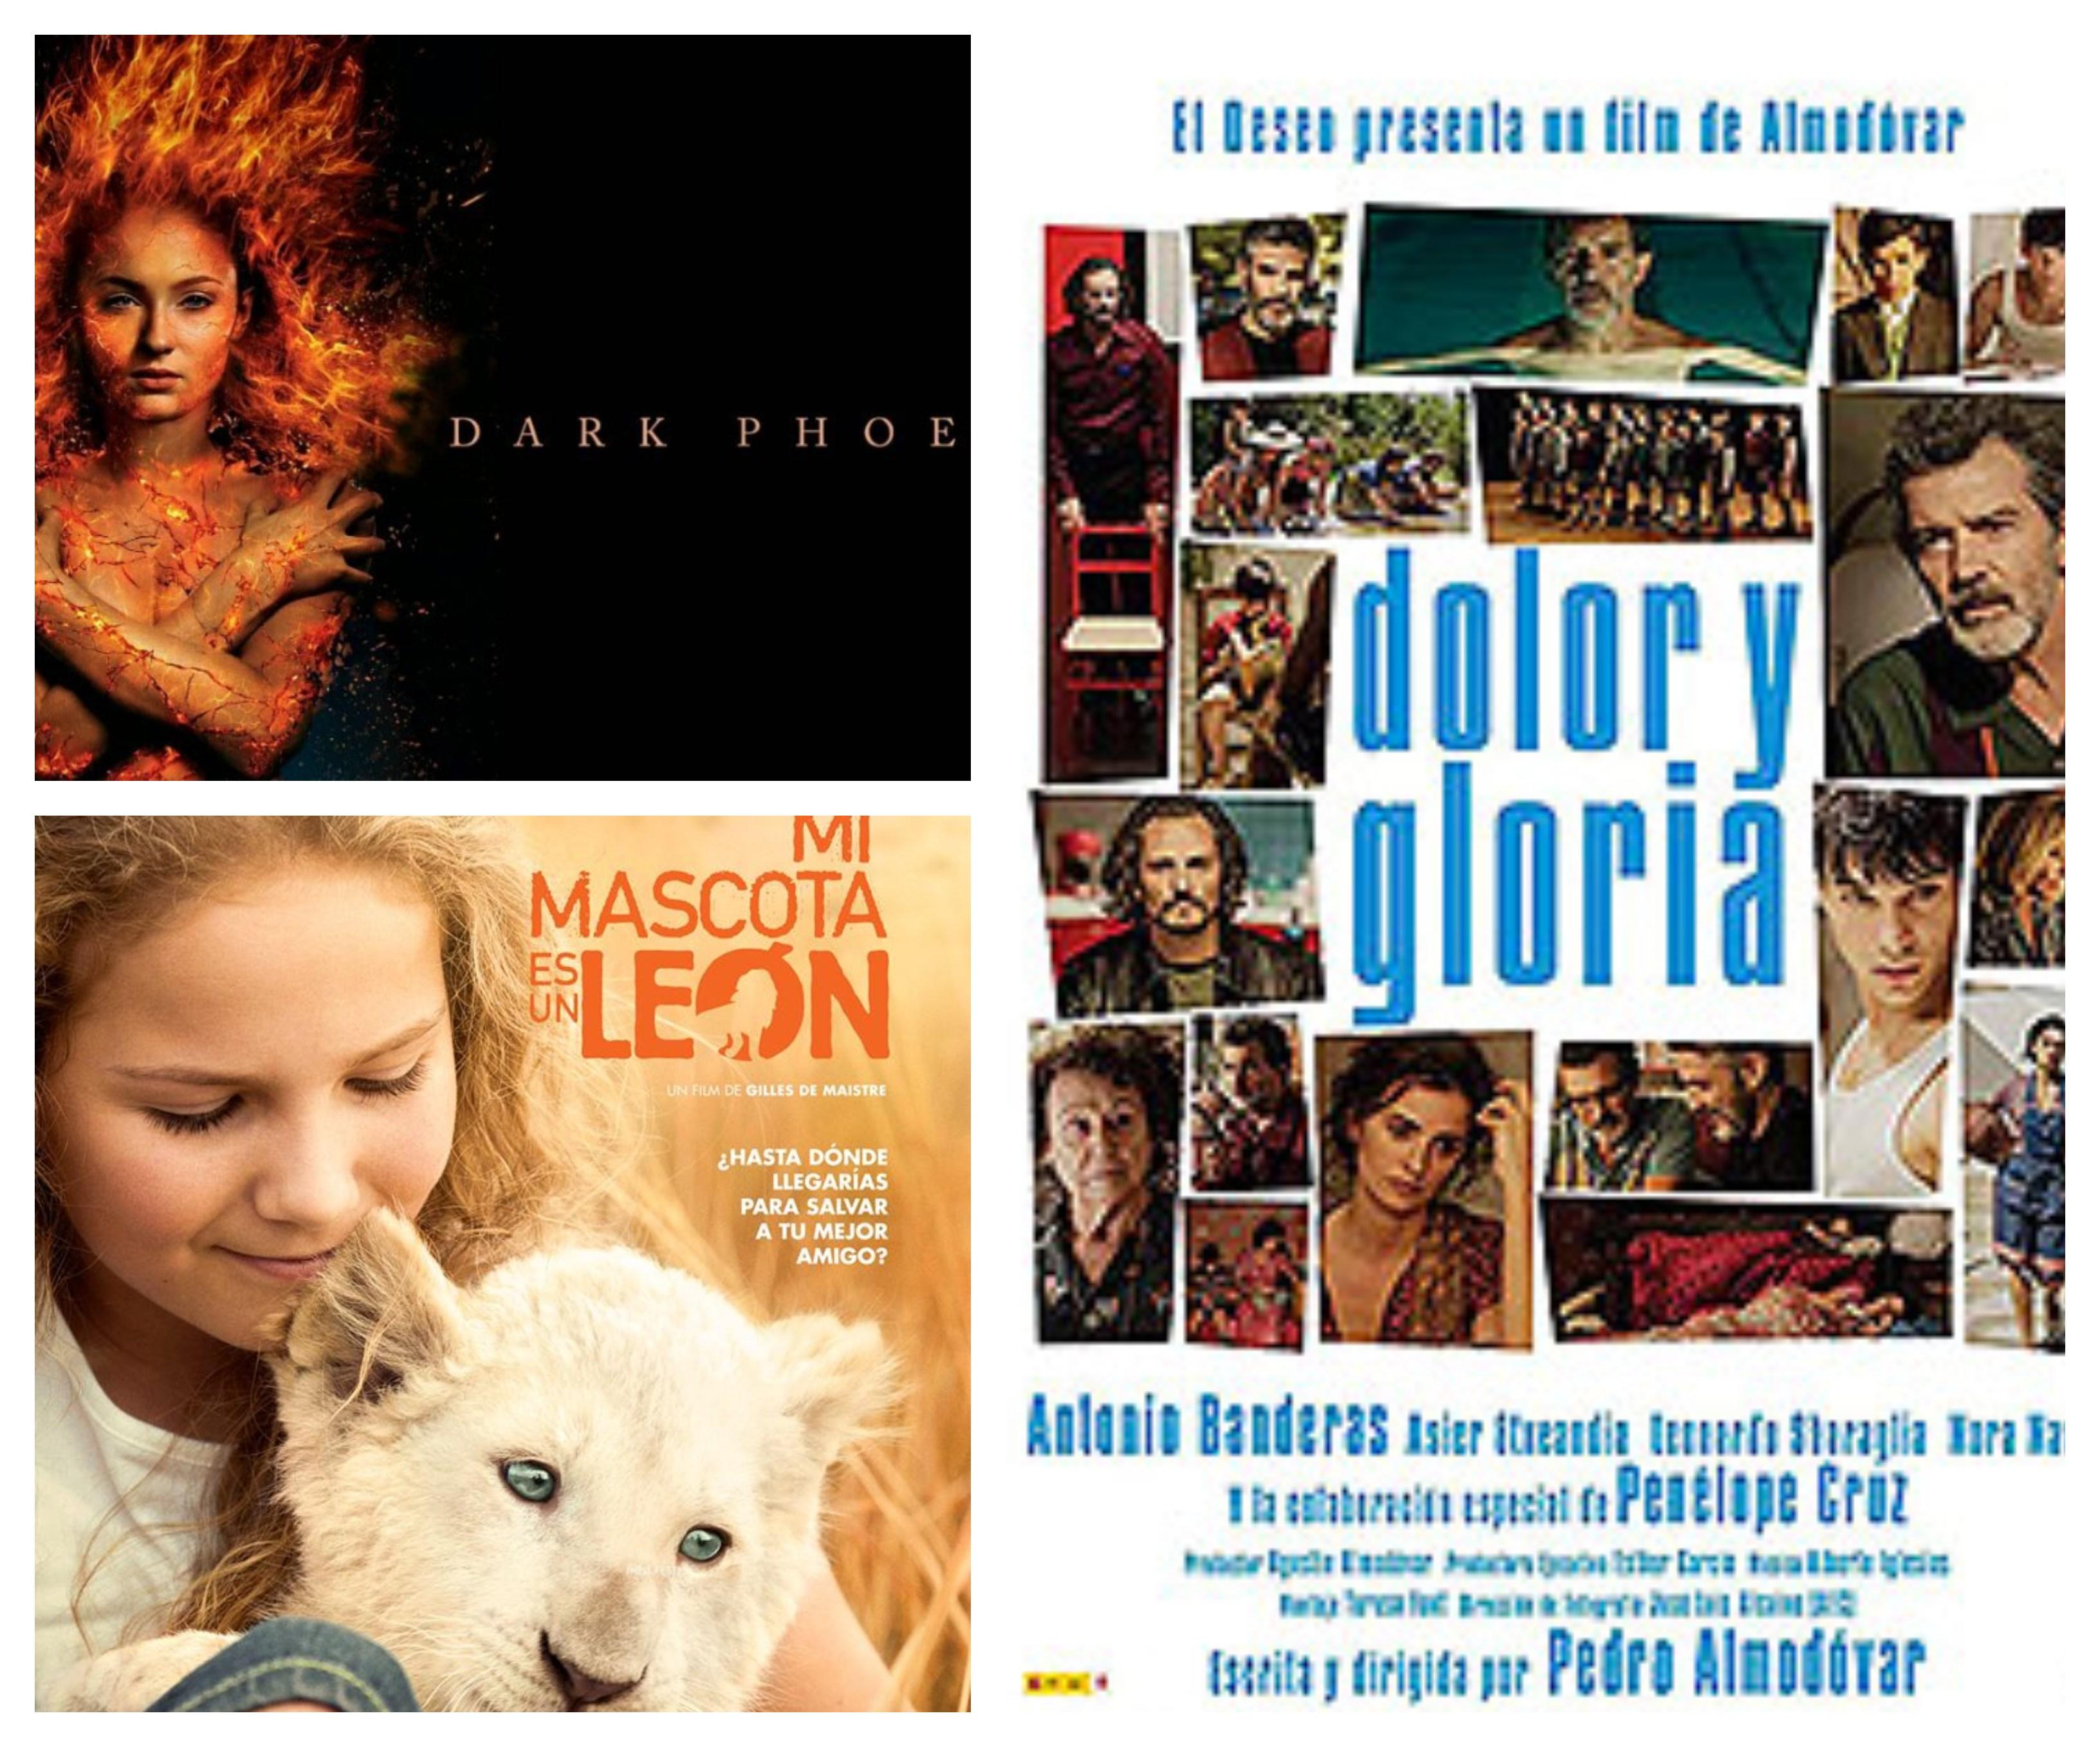 Estrenos de cine: Vuelven los X-Men y Almodóvar